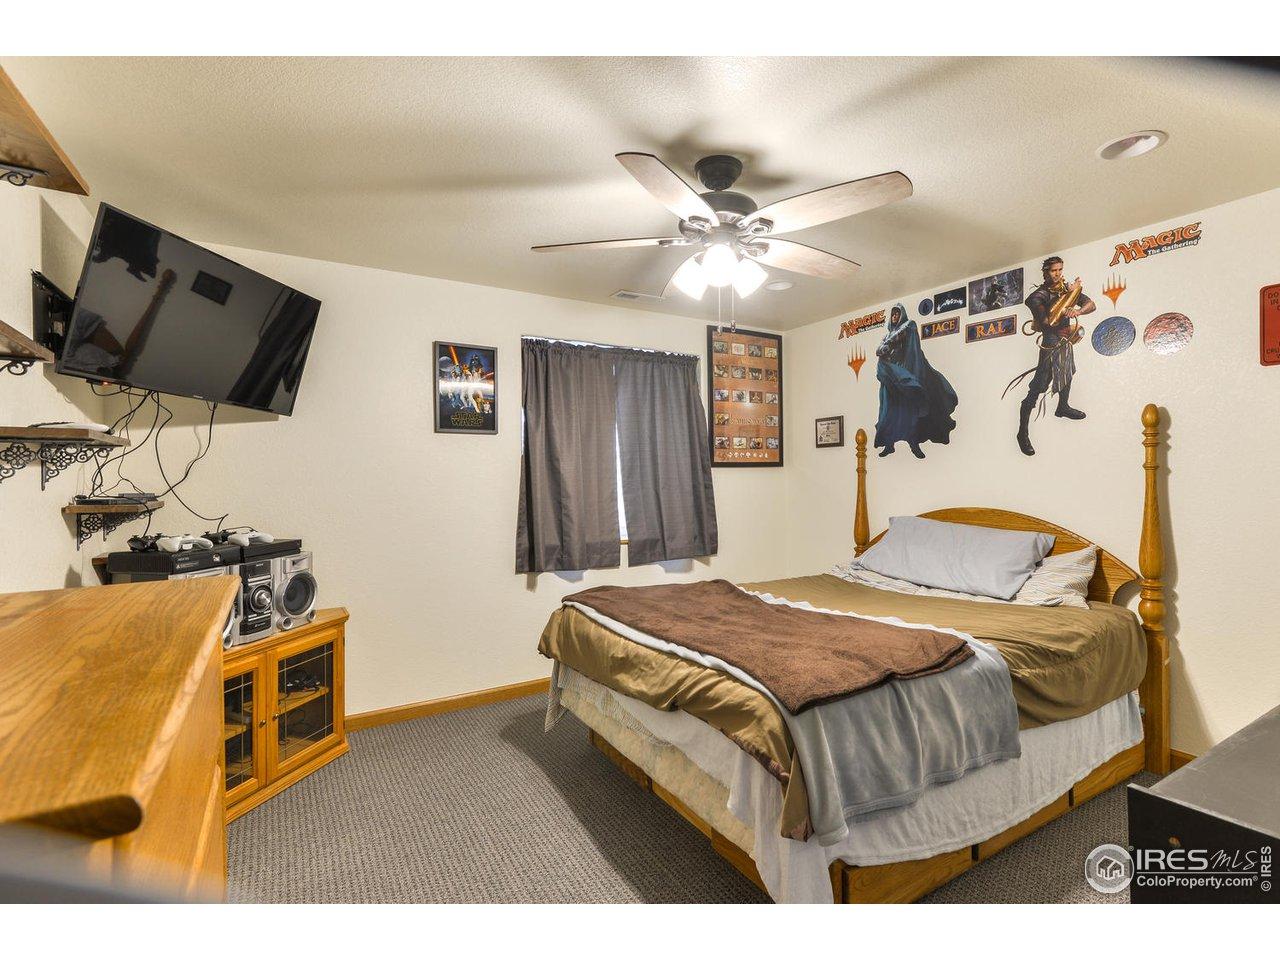 Basement Bedroom #2